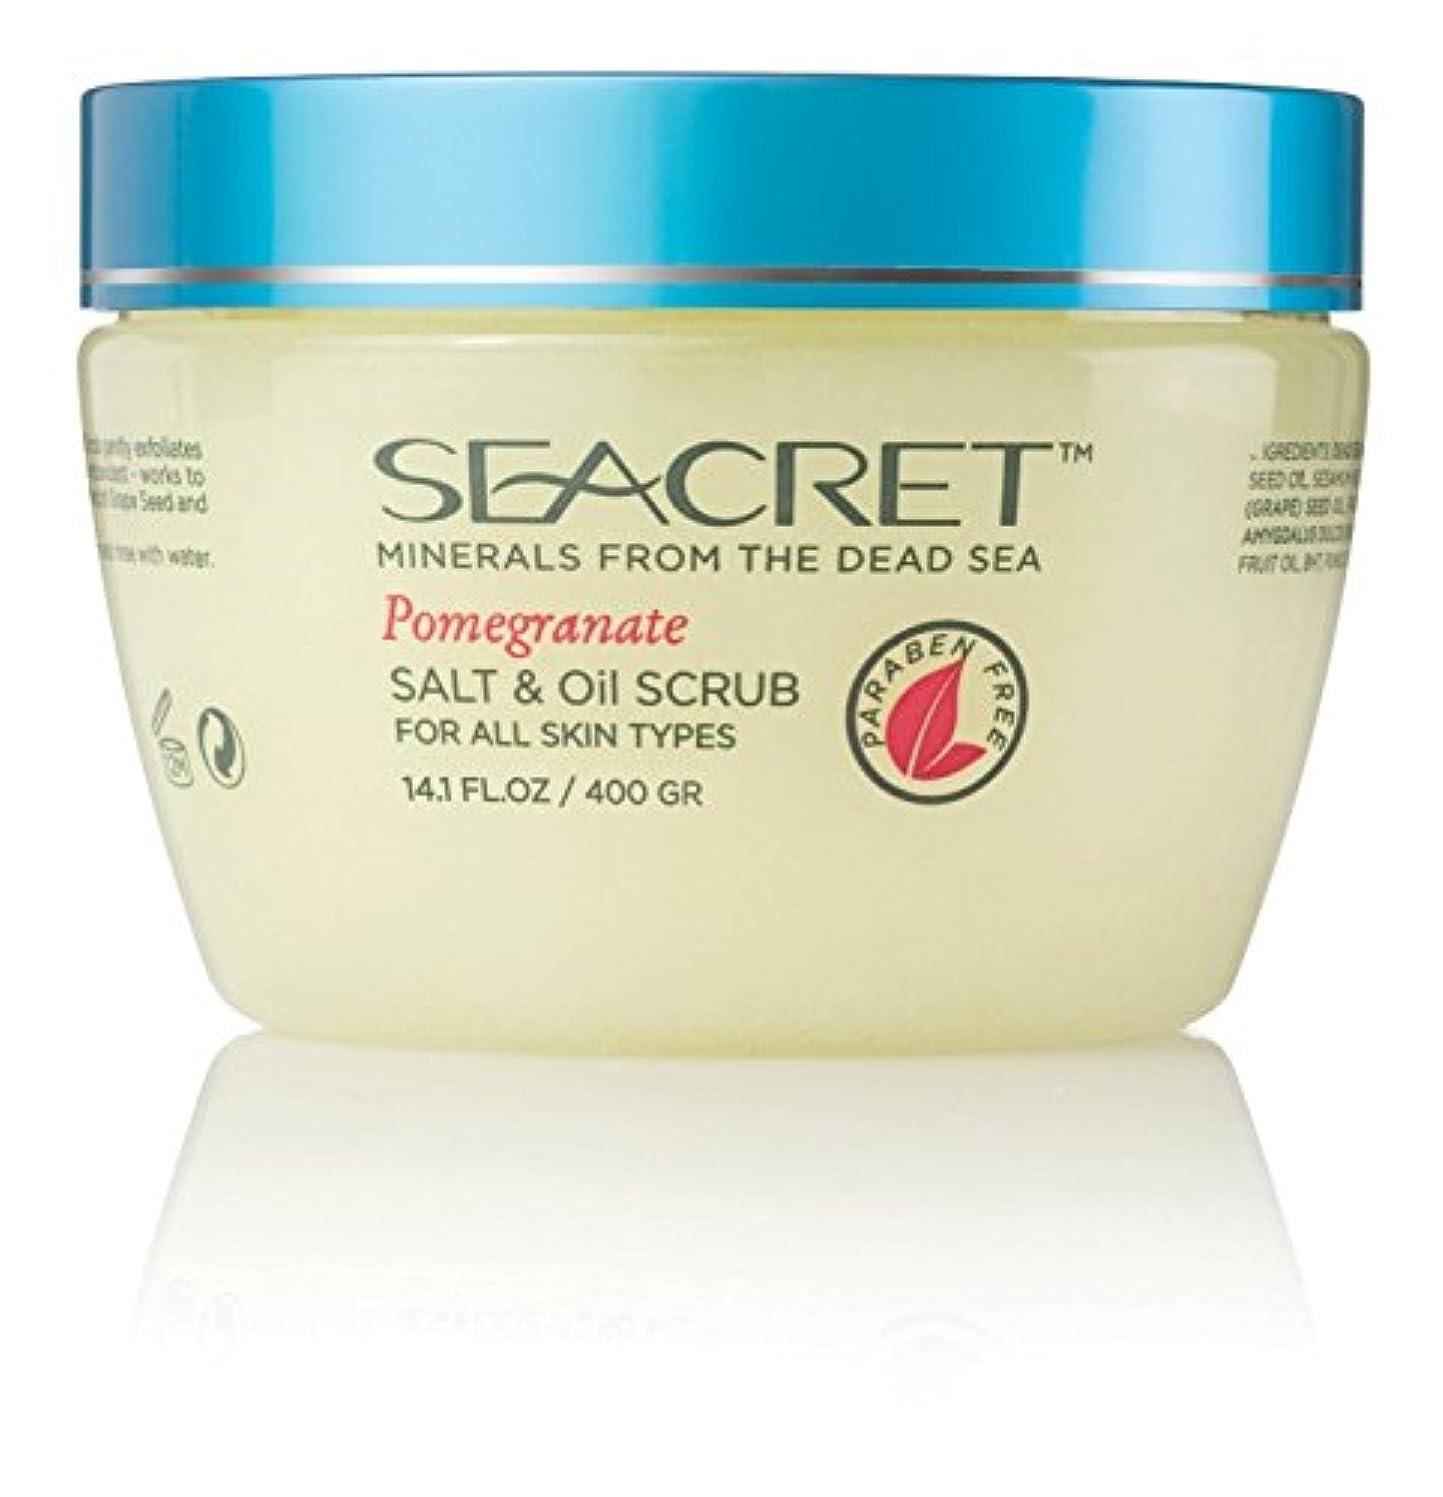 まだ抑制するトムオードリース世界を驚かせた化粧品!SEACRET (シークレット) ミネラルアンドオイルスクラブ ポメグラネイトSALT&OIL SCRUB Pomegranate